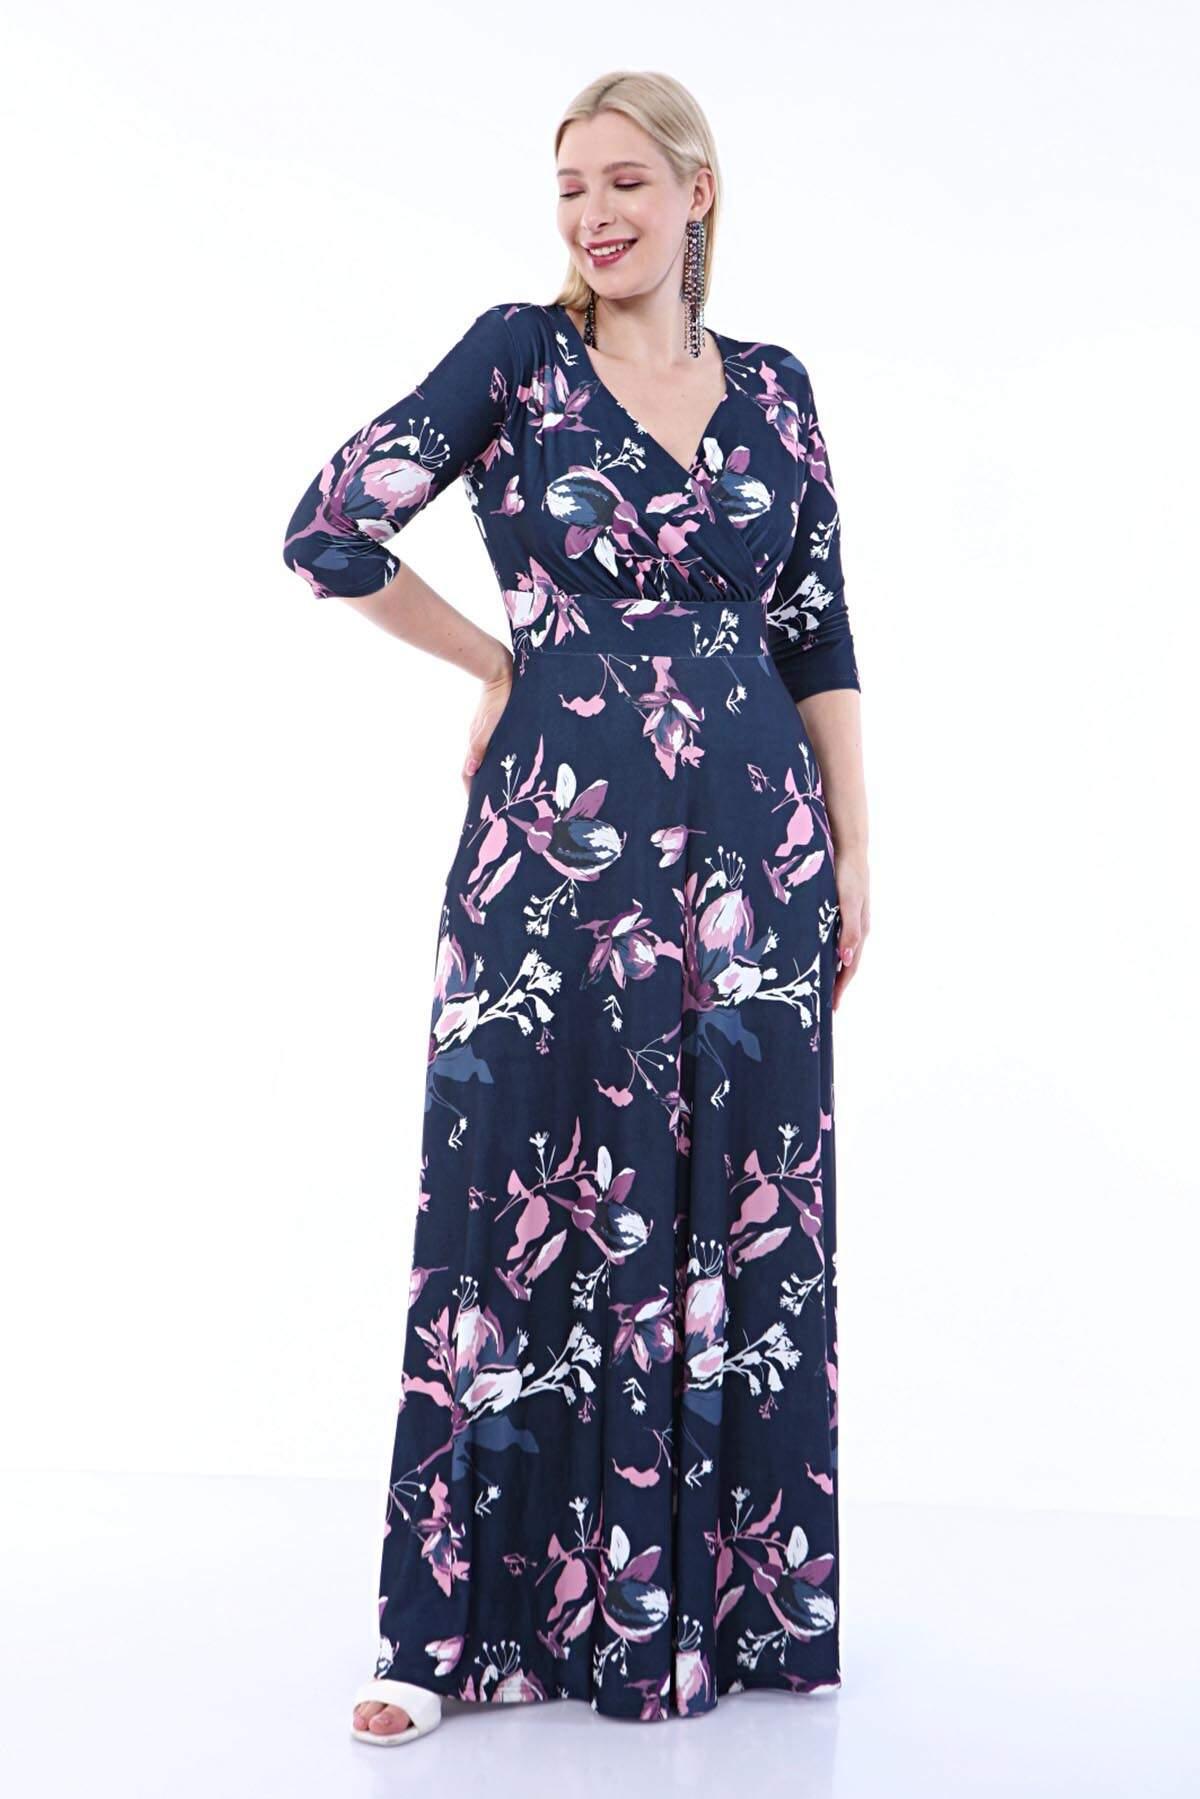 Angelino Büyük Beden Kolları Pelerin Esnek Sandy Lacivert Çiçekli Elbise 93-7713